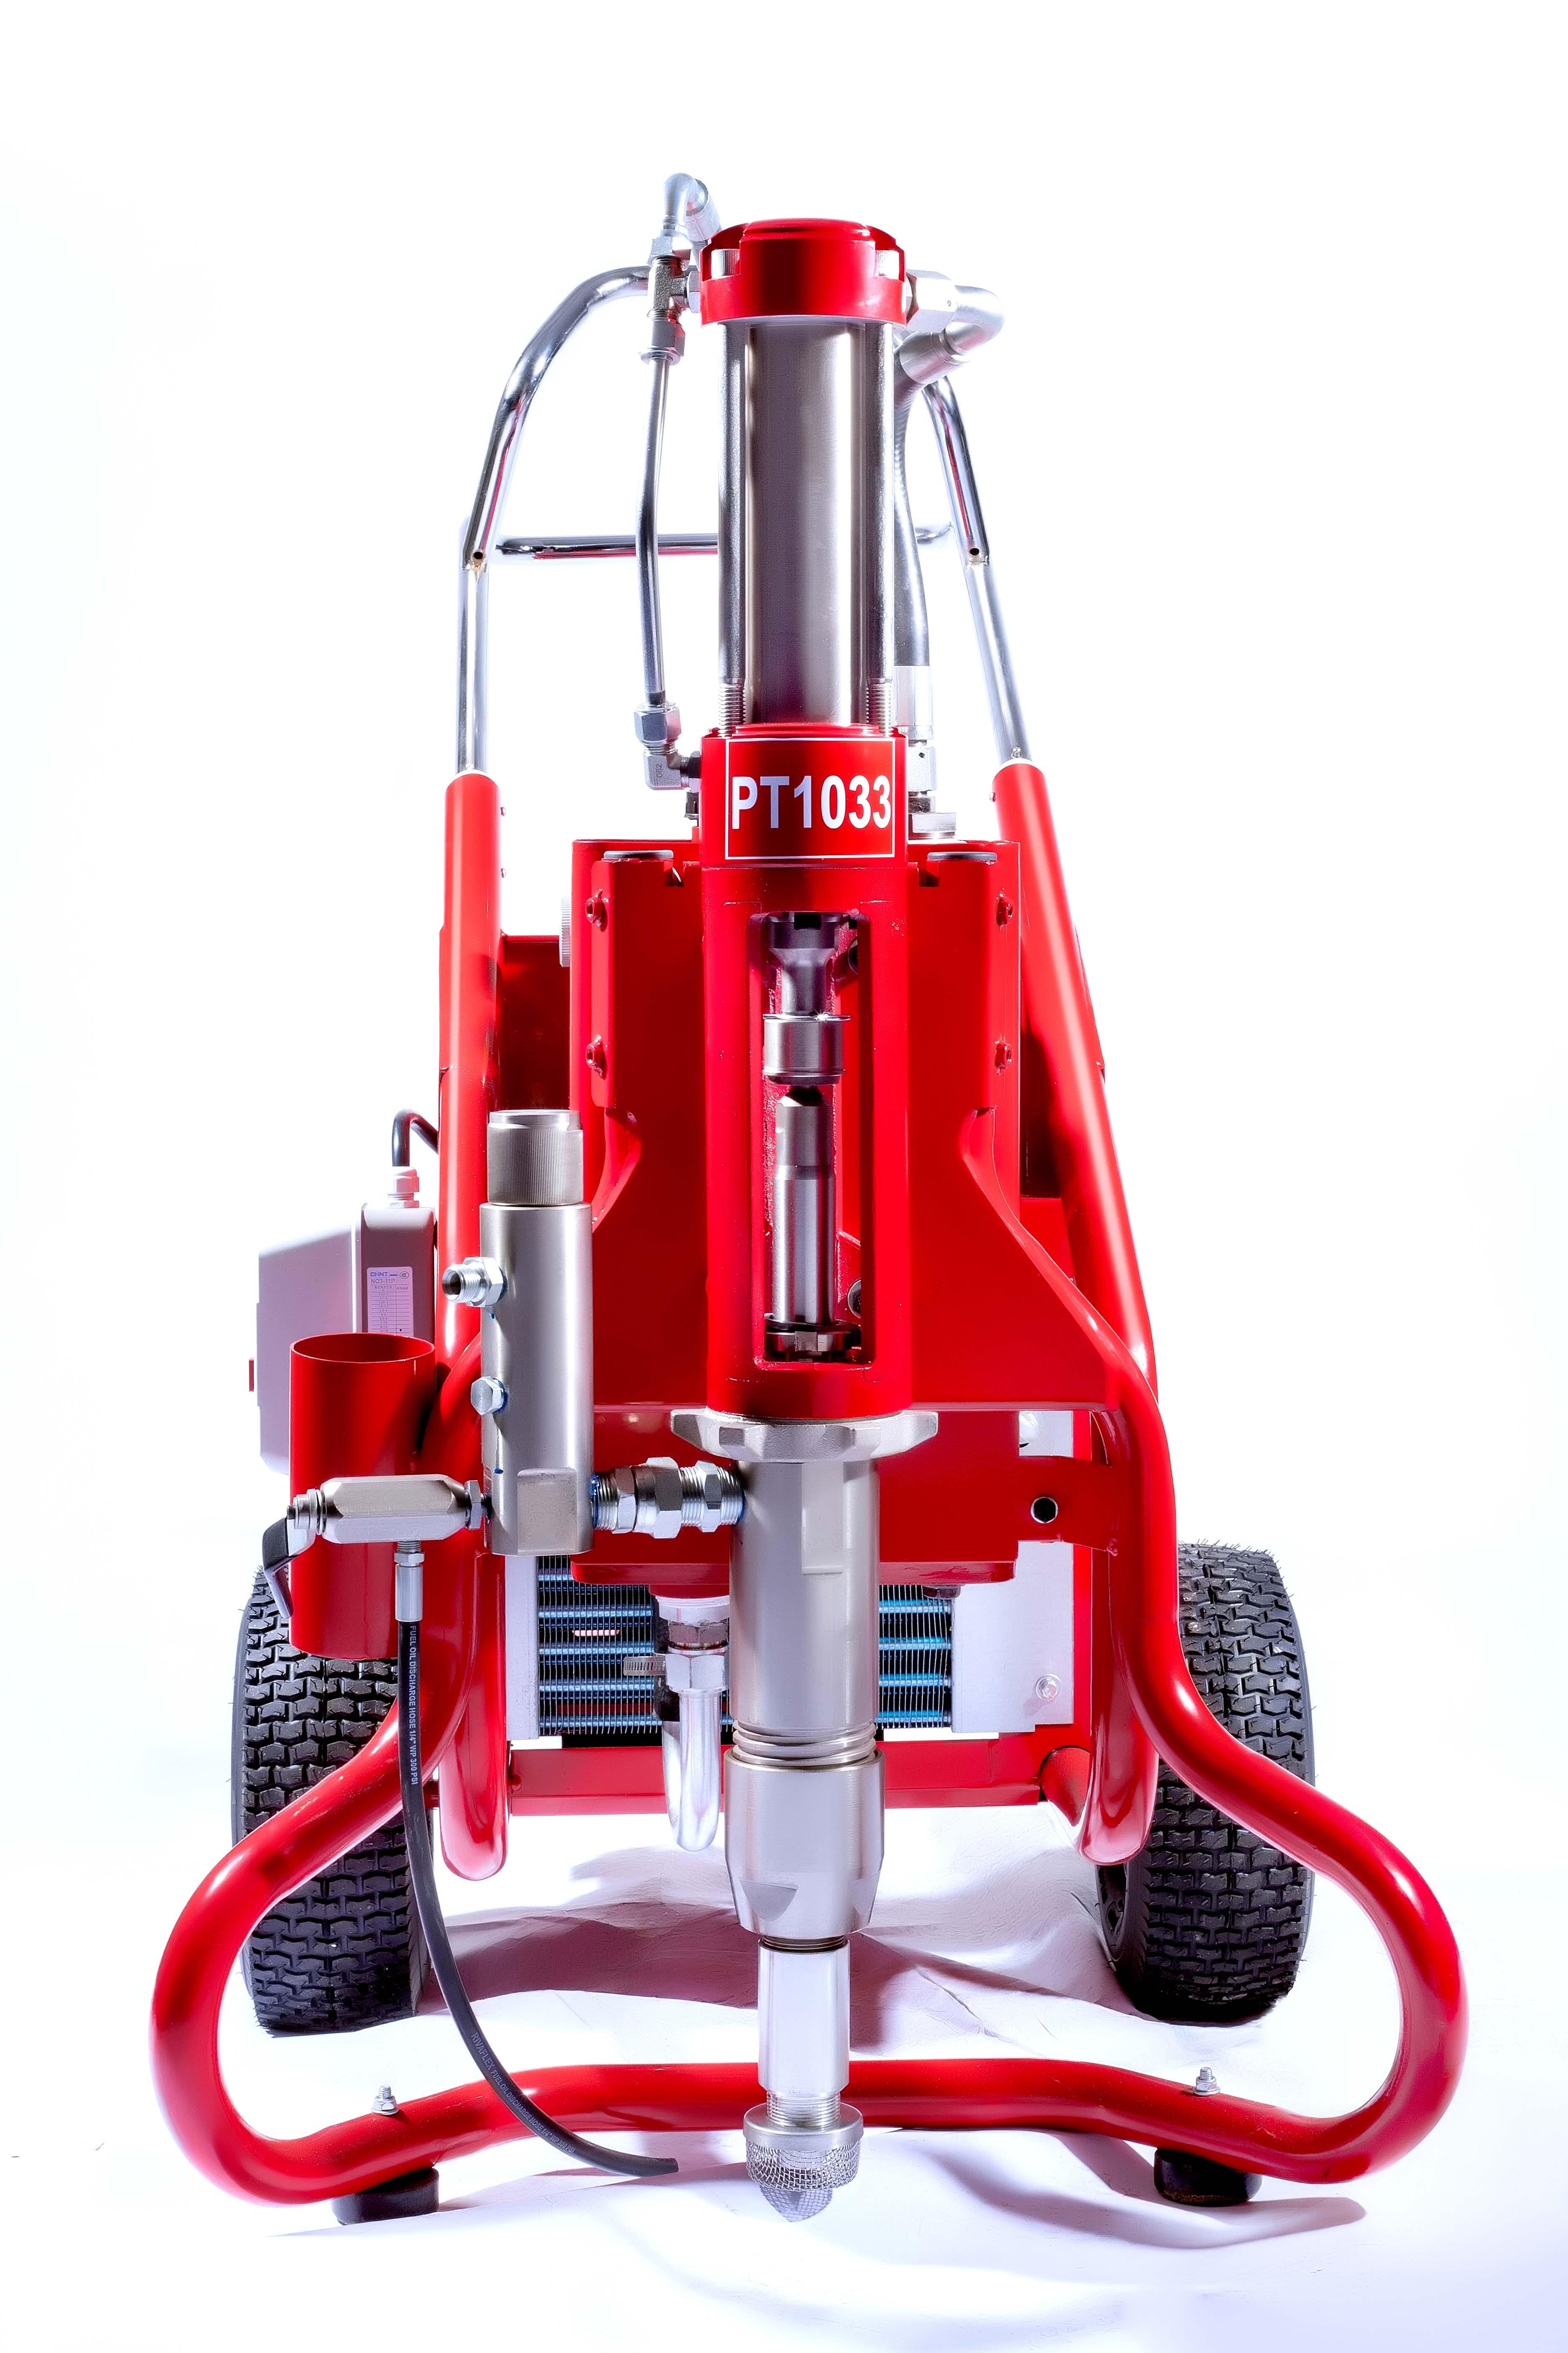 Распылитель для шпатлевки, Электрический Гидравлический поршневой насос PT1033